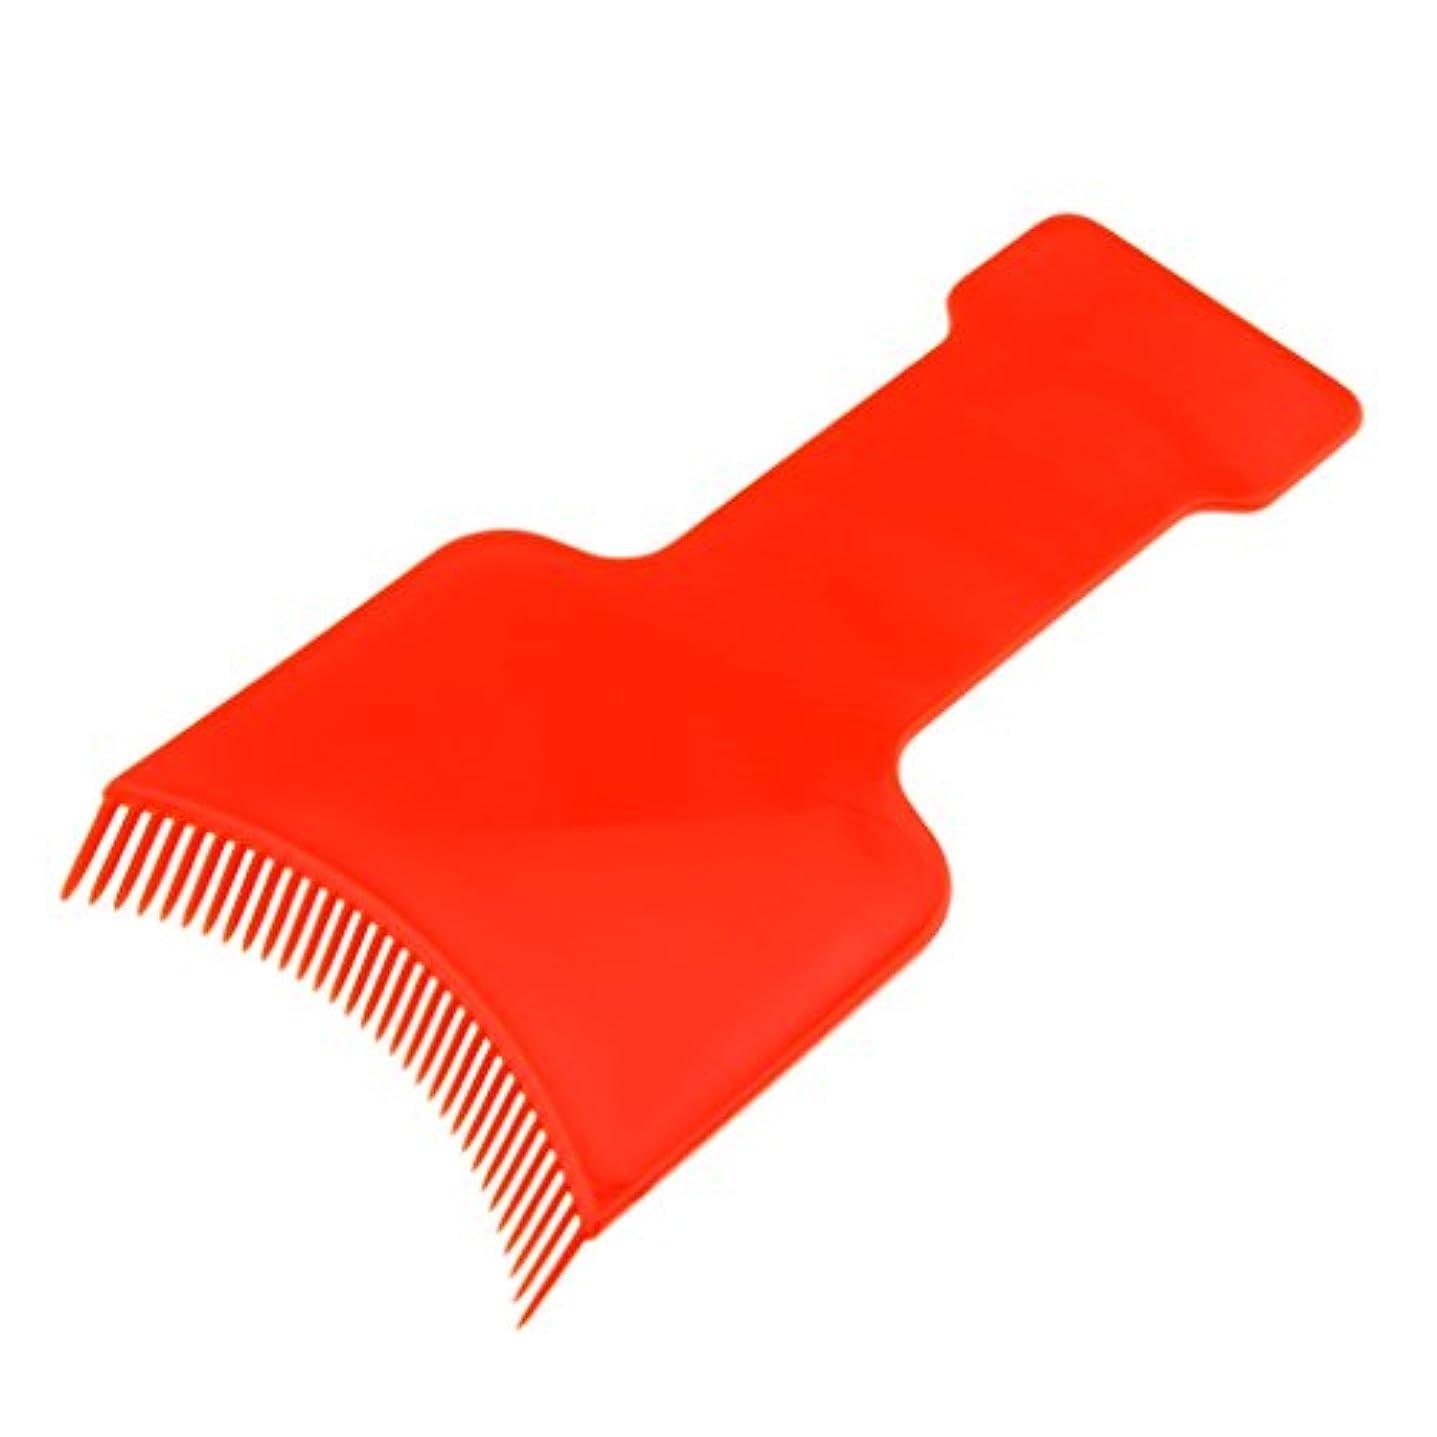 一回郵便物鉛ヘアカラーボード ヘアダイコーム ヘアダイブラシ 染色櫛 プレート ヘアサロン 用品